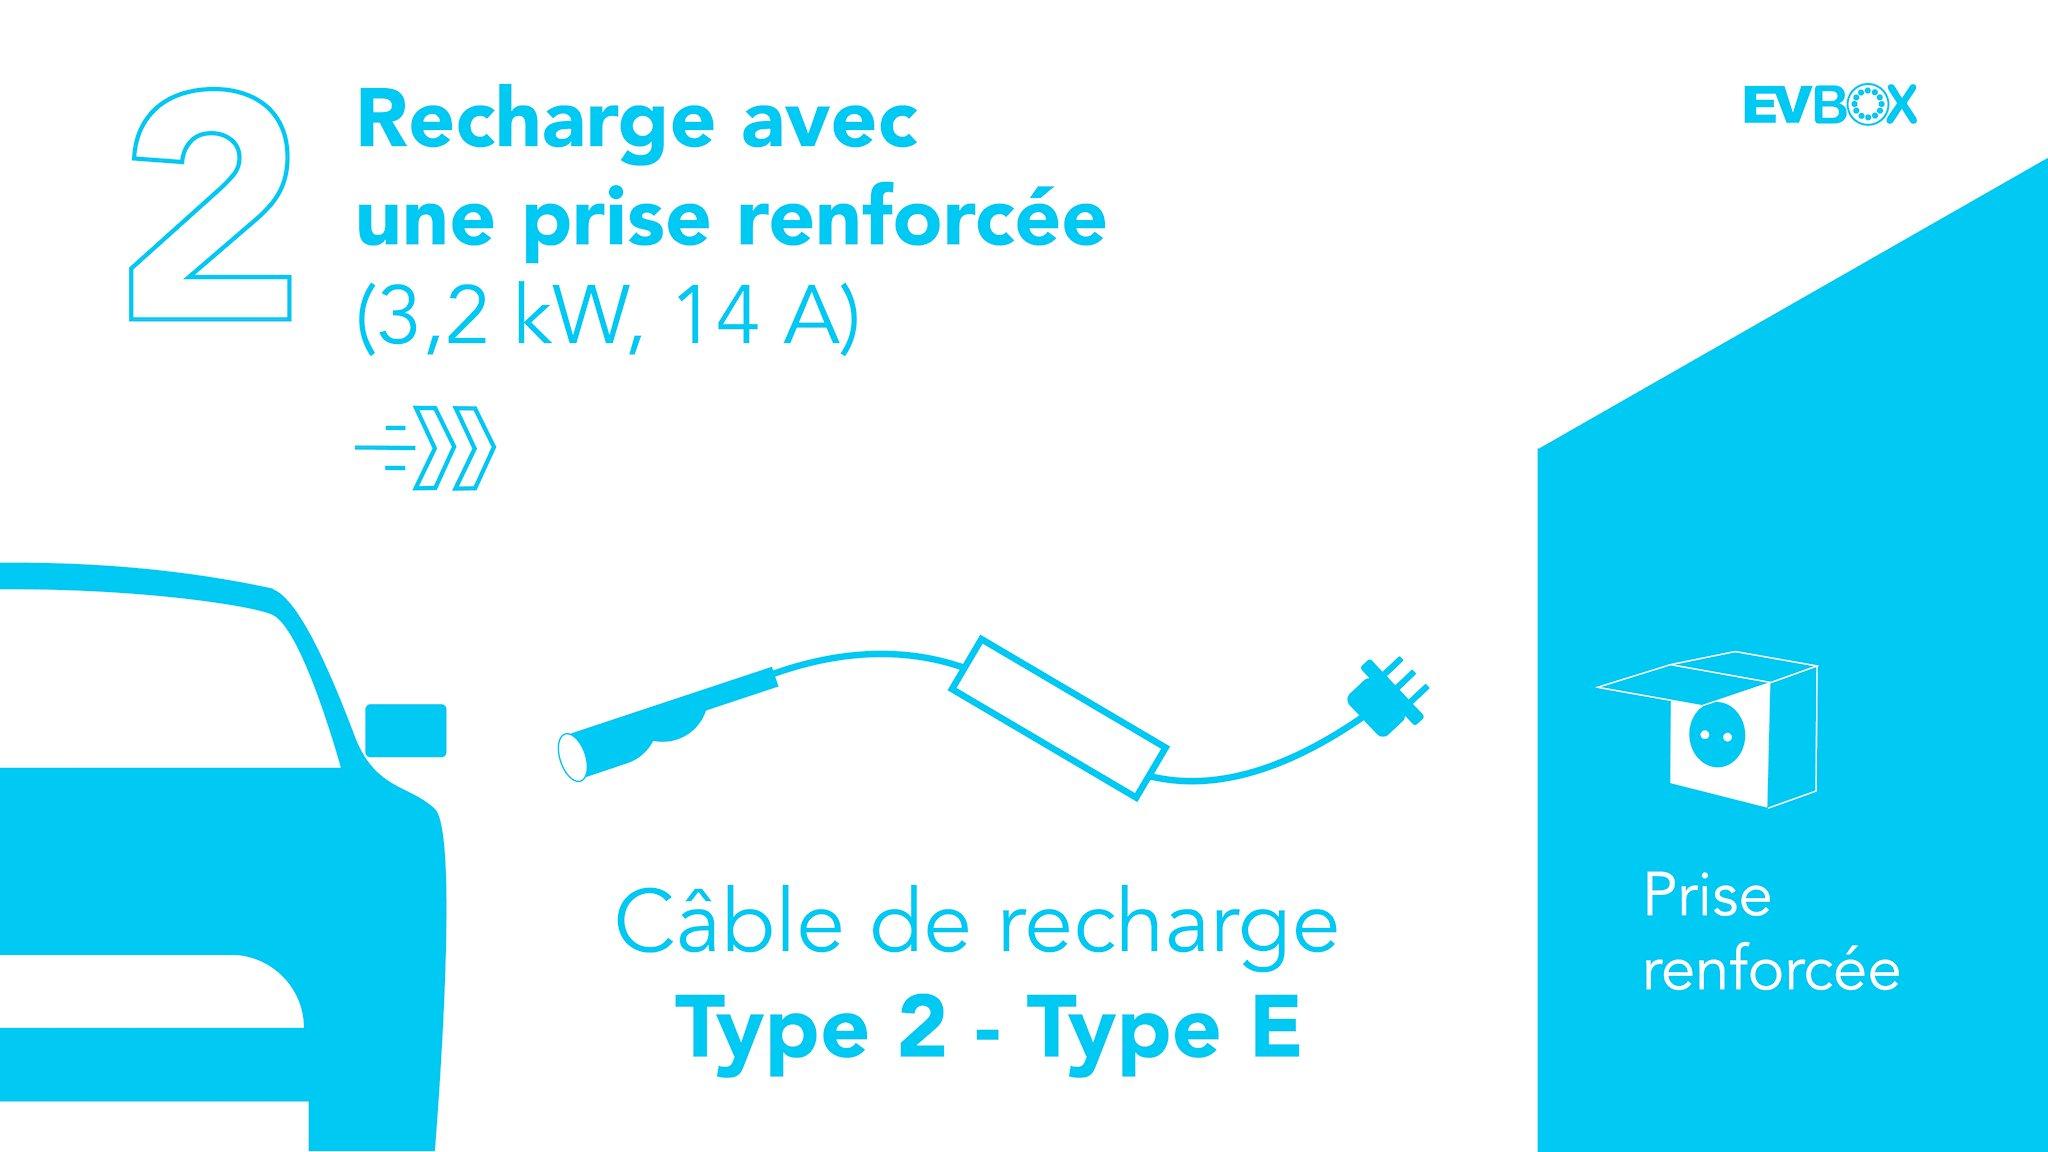 recharge-prise-renforcee-voiture-electrique